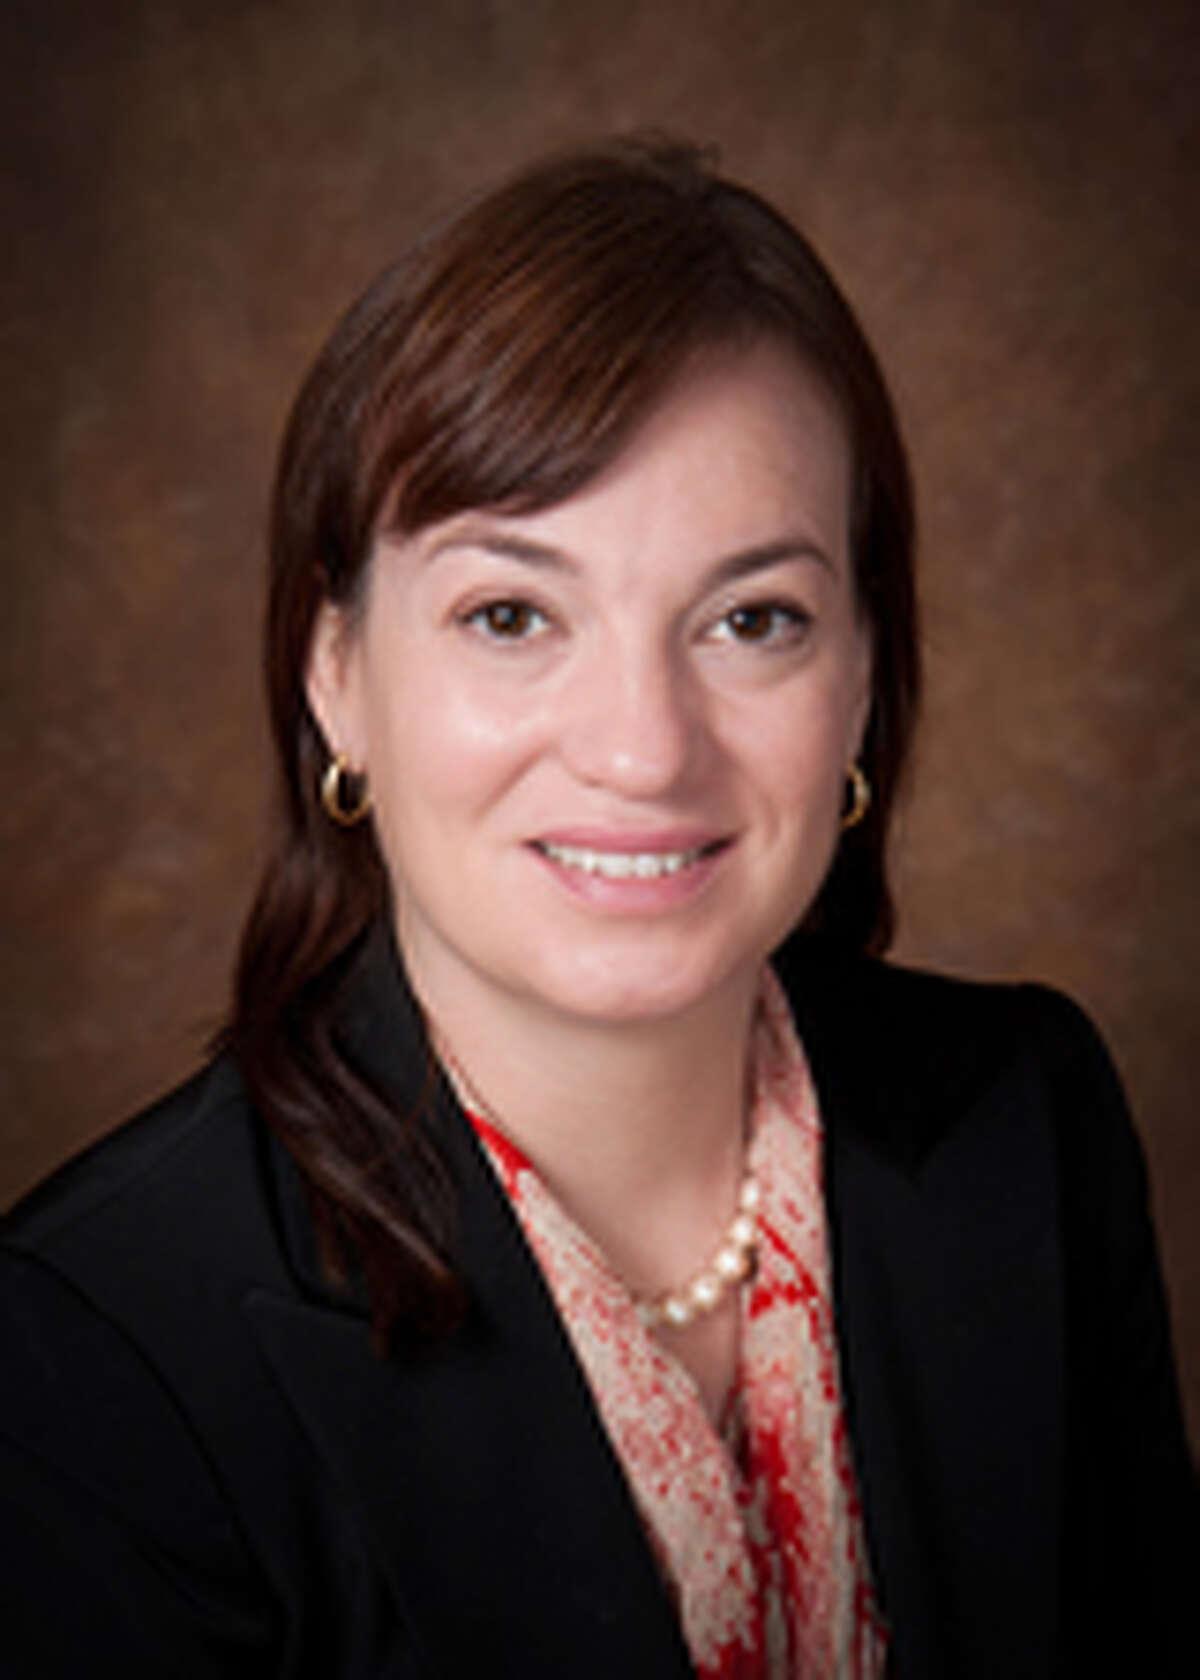 Democrat Alison McLean Lane seeks the town clerk's seat in the November 2017 election, facing Julie Gansle.